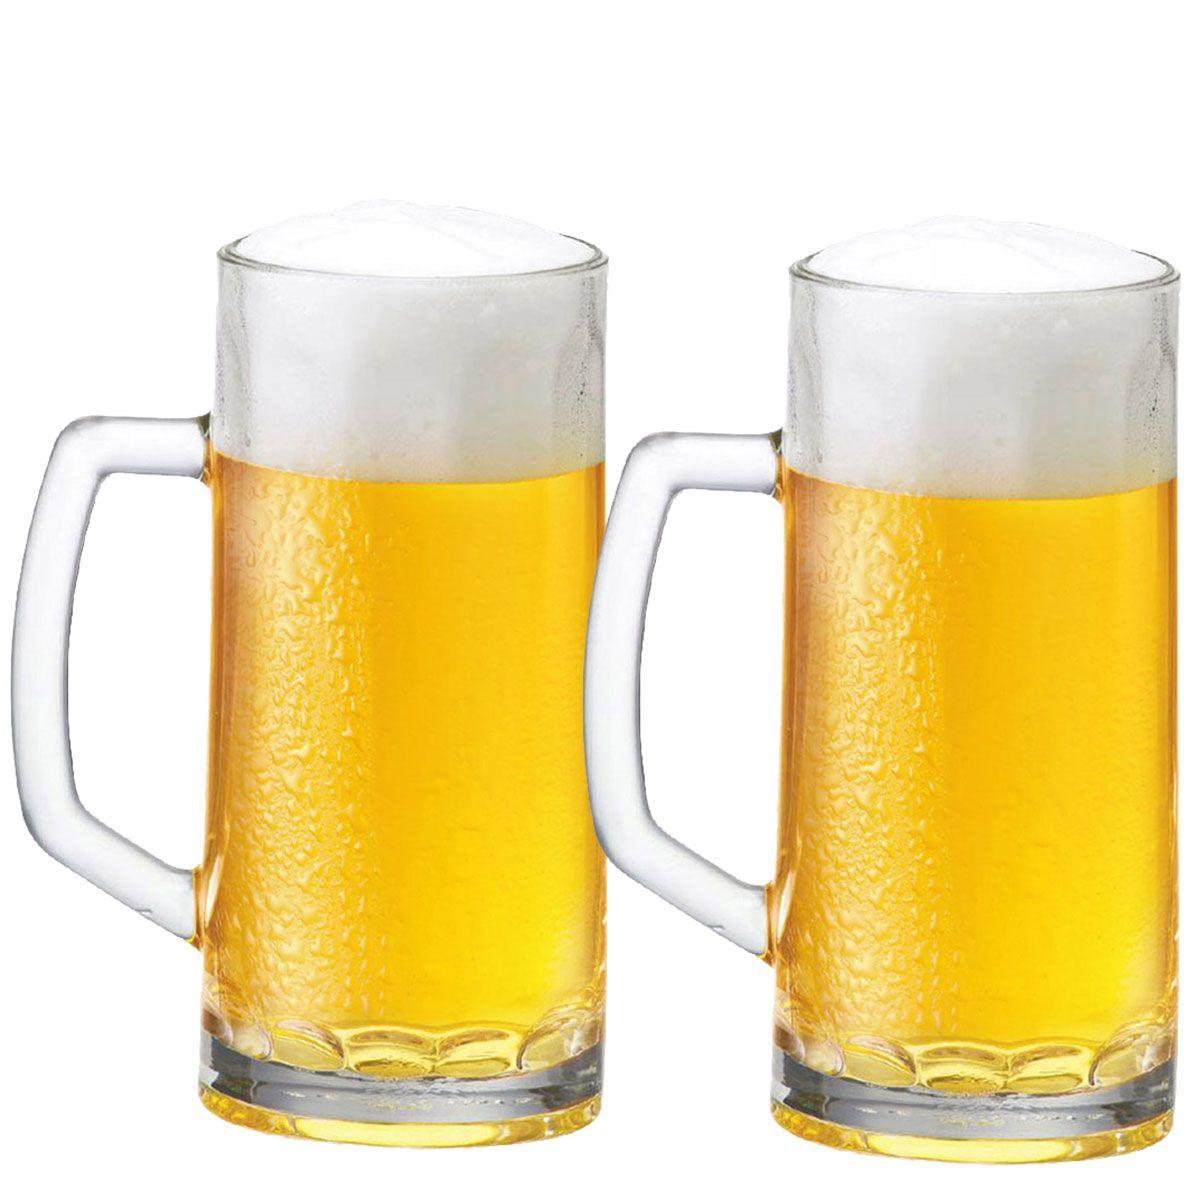 Caneca Chopp Cerveja Berna Canelada G 635ml Jogo Kit 2 Pcs